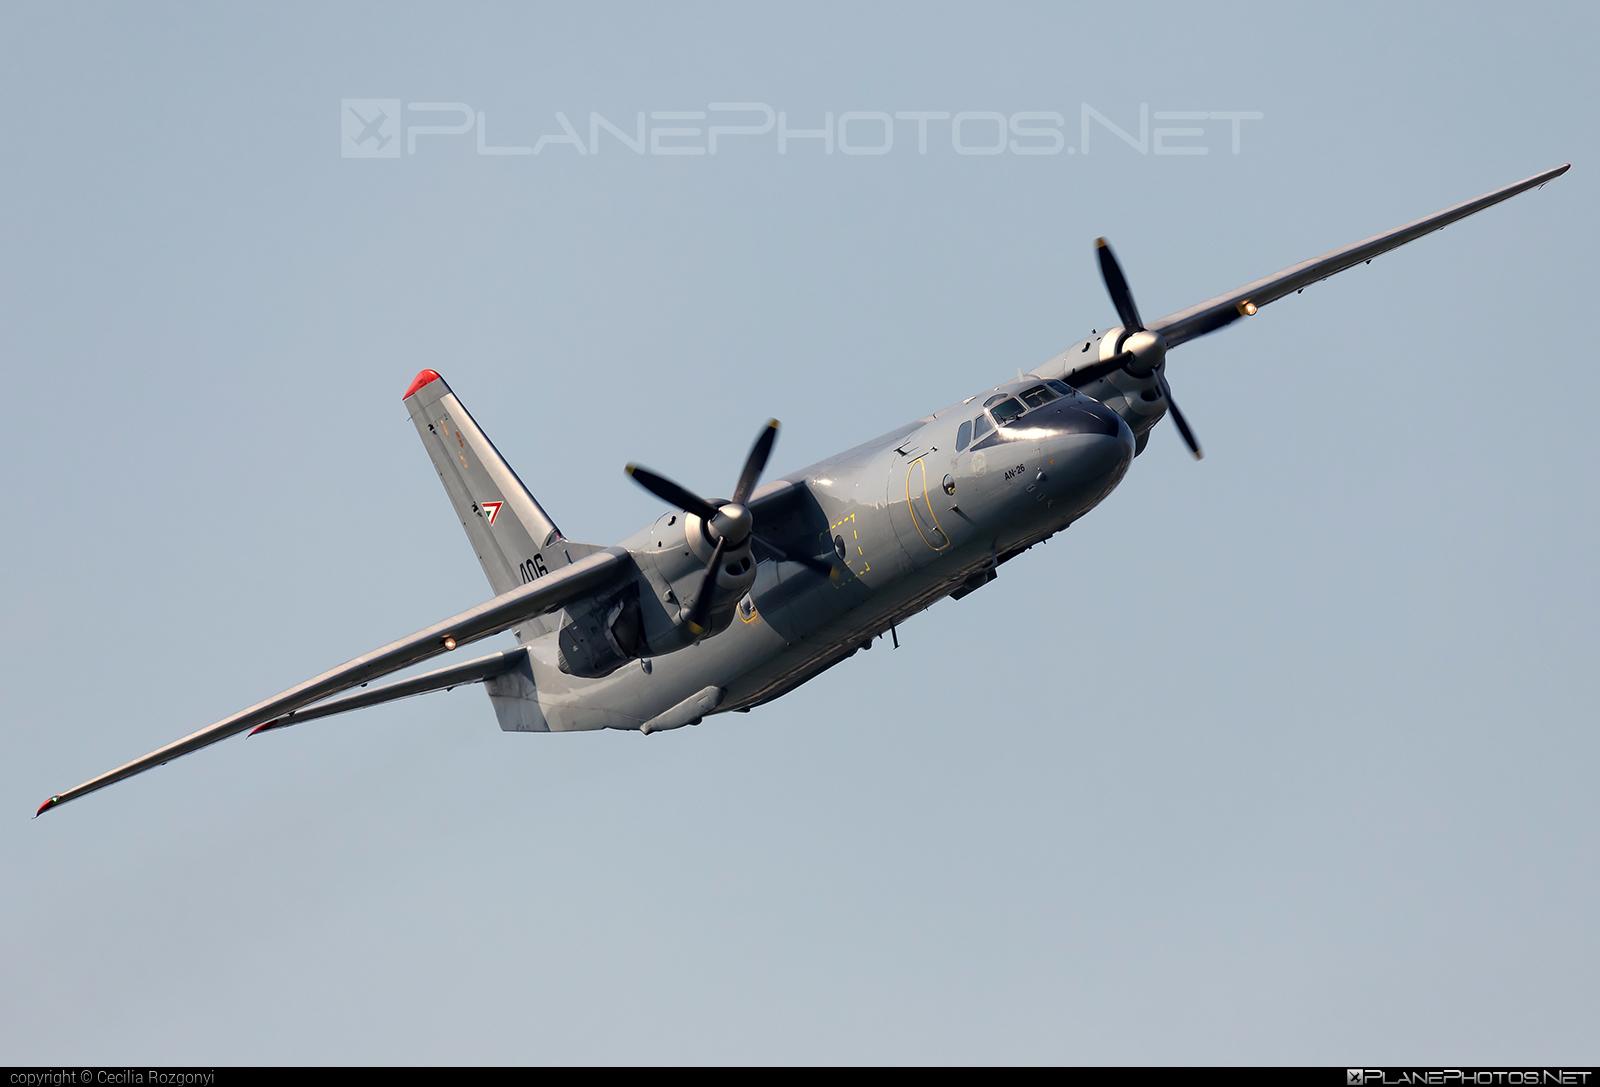 Antonov An-26 - 406 operated by Magyar Légierő (Hungarian Air Force) #an26 #antonov #antonov26 #hungarianairforce #magyarlegiero